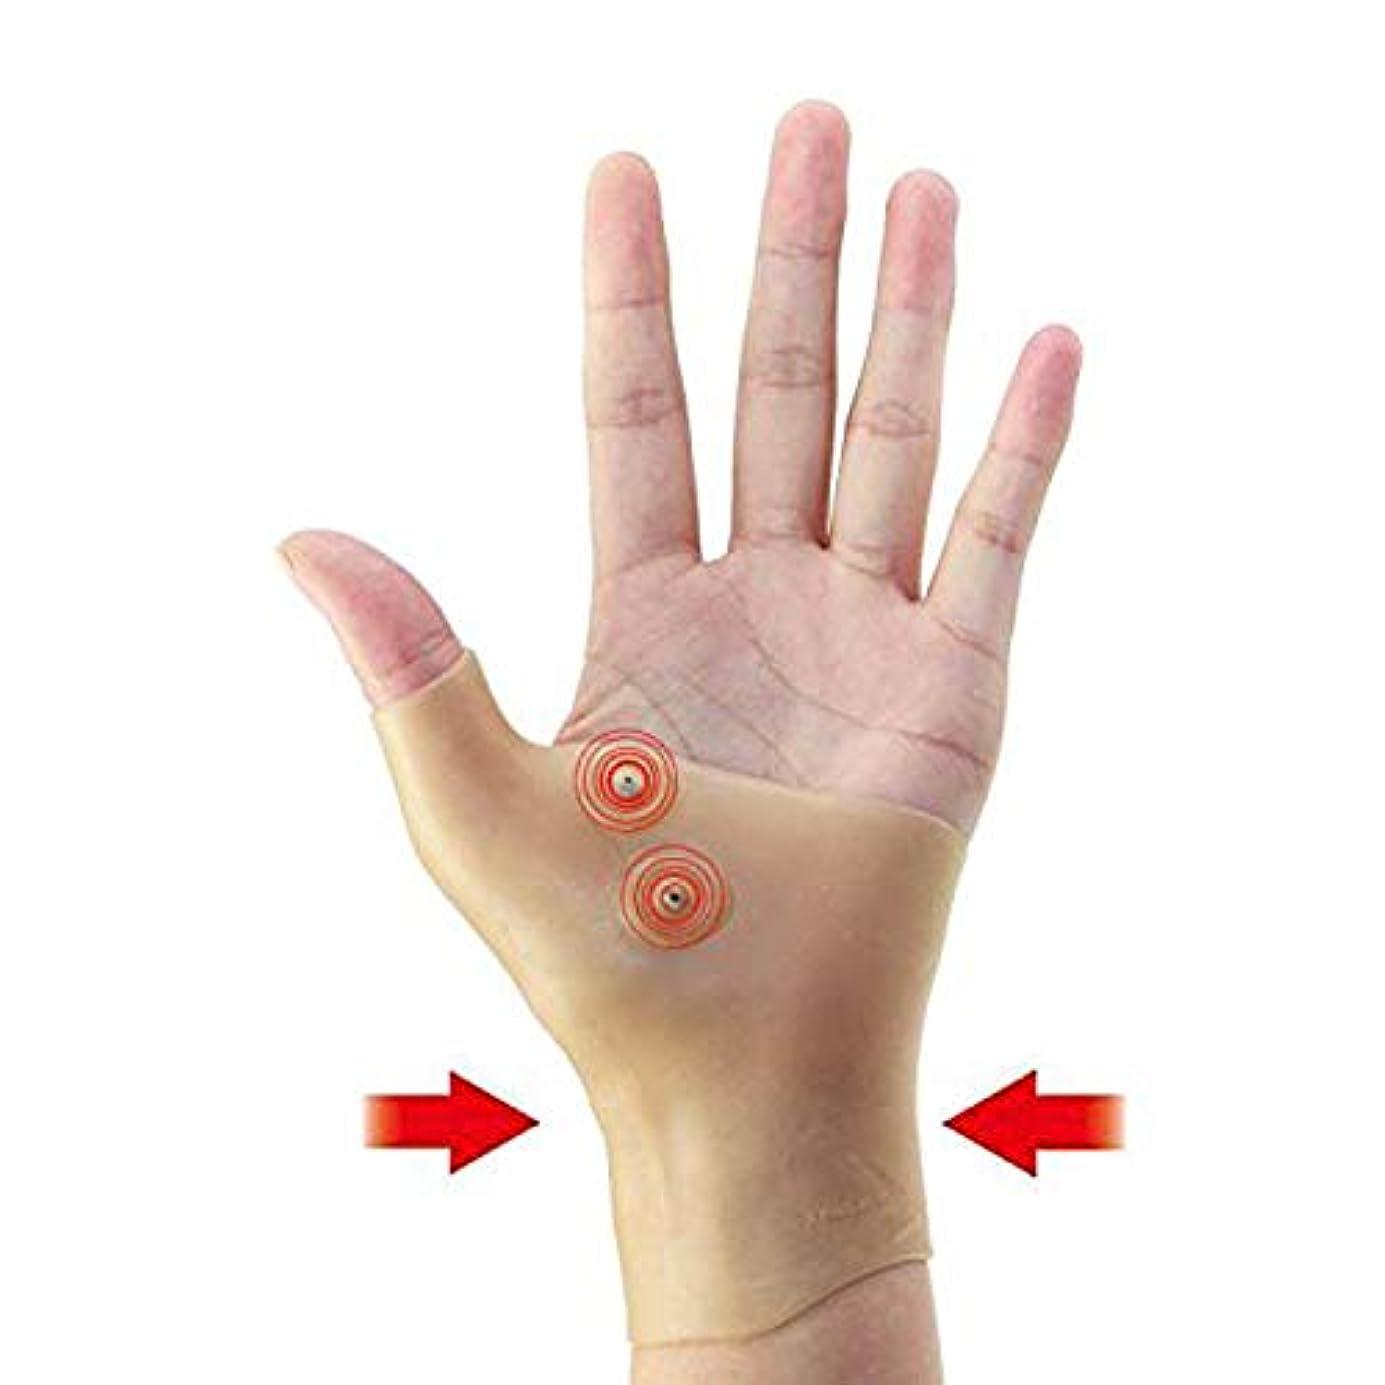 磁気 圧縮手袋 - Delaman 指なし 手袋、健康手袋、圧着効果、疲労減少、健康関節、磁気療法、手首サポーター、ユニセックス